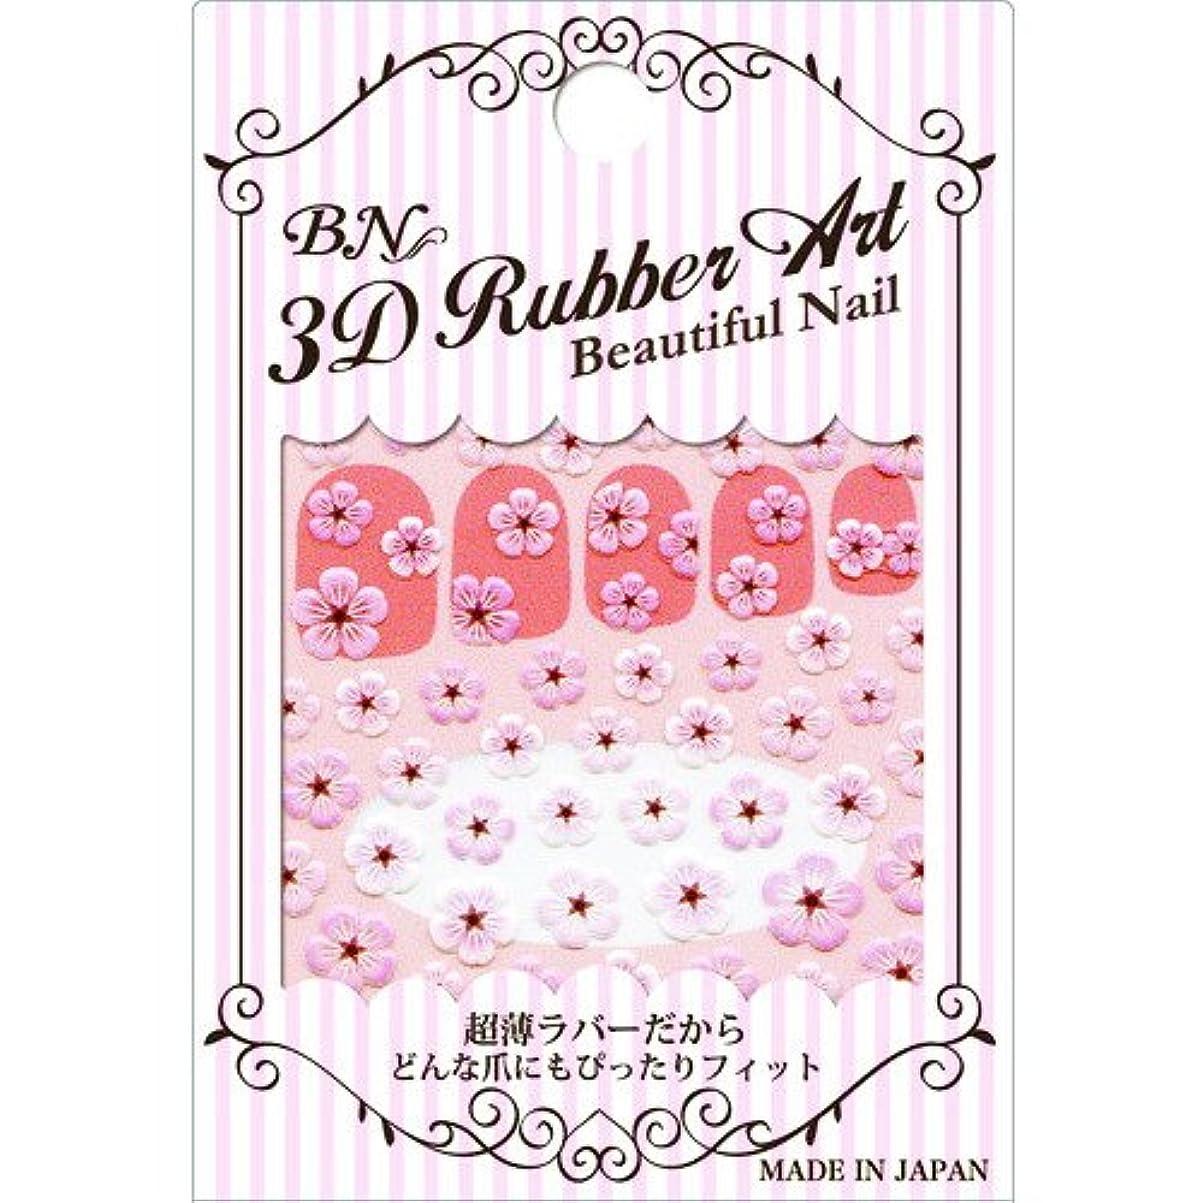 病弱少ない省BN 3Dラバーアート ビューティフルネイル BUR-5 おしばな ピンク